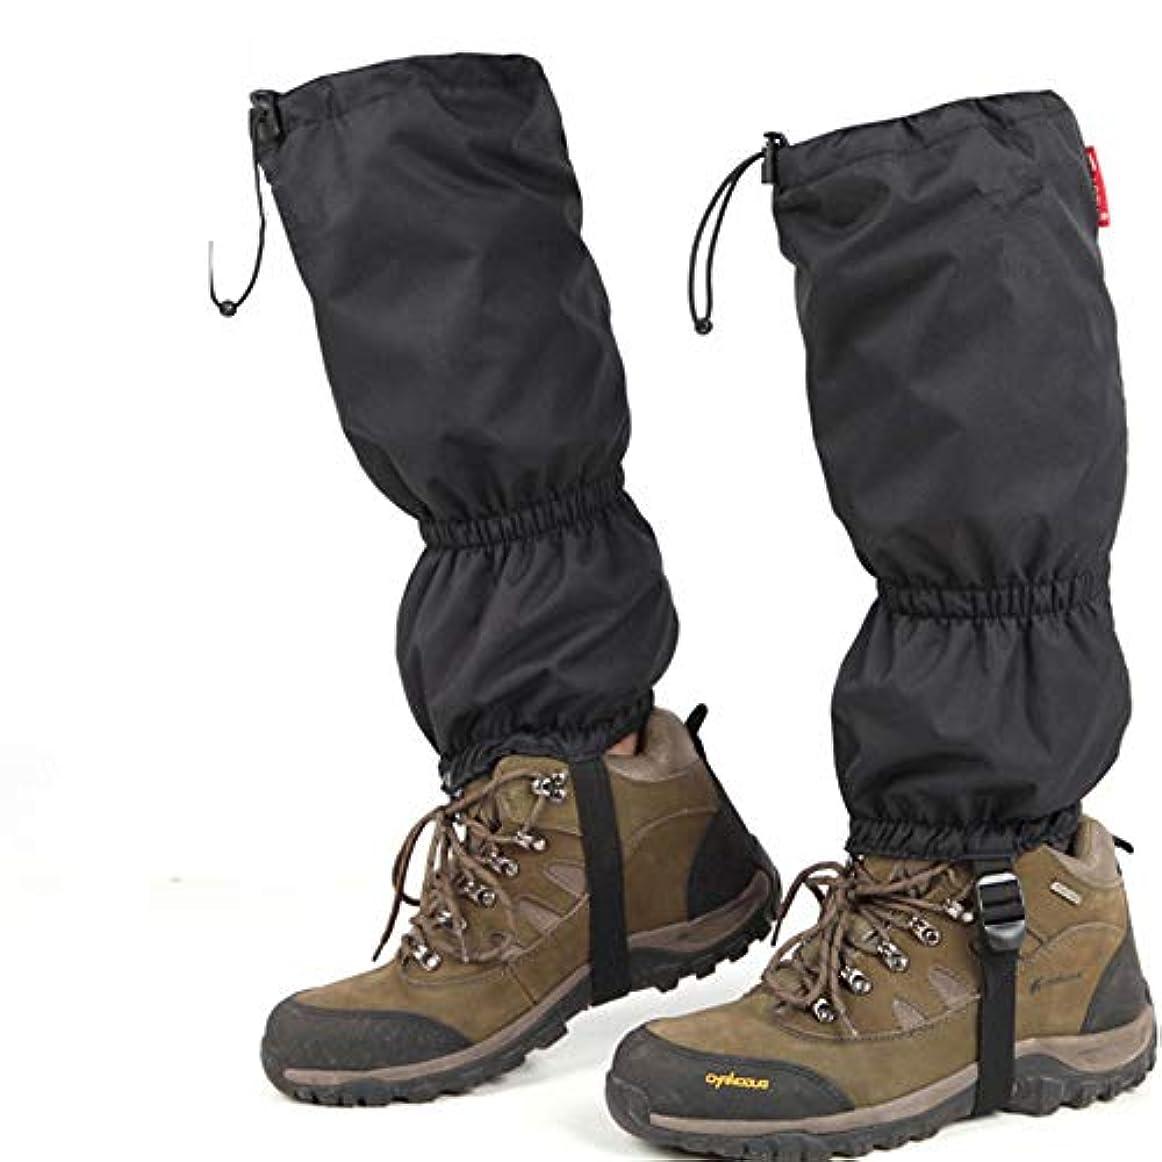 テーブルを設定するカートばかげた防水靴カバー レインシューズカバー足のガーター防水ハイキングゲーター耐久性の高いレギンス通気性の高いレッグカバーラップ用男性女性子供用マウンテントレッキングスキーウォーキング登山狩猟 - 1ペアの靴カバー雨雪